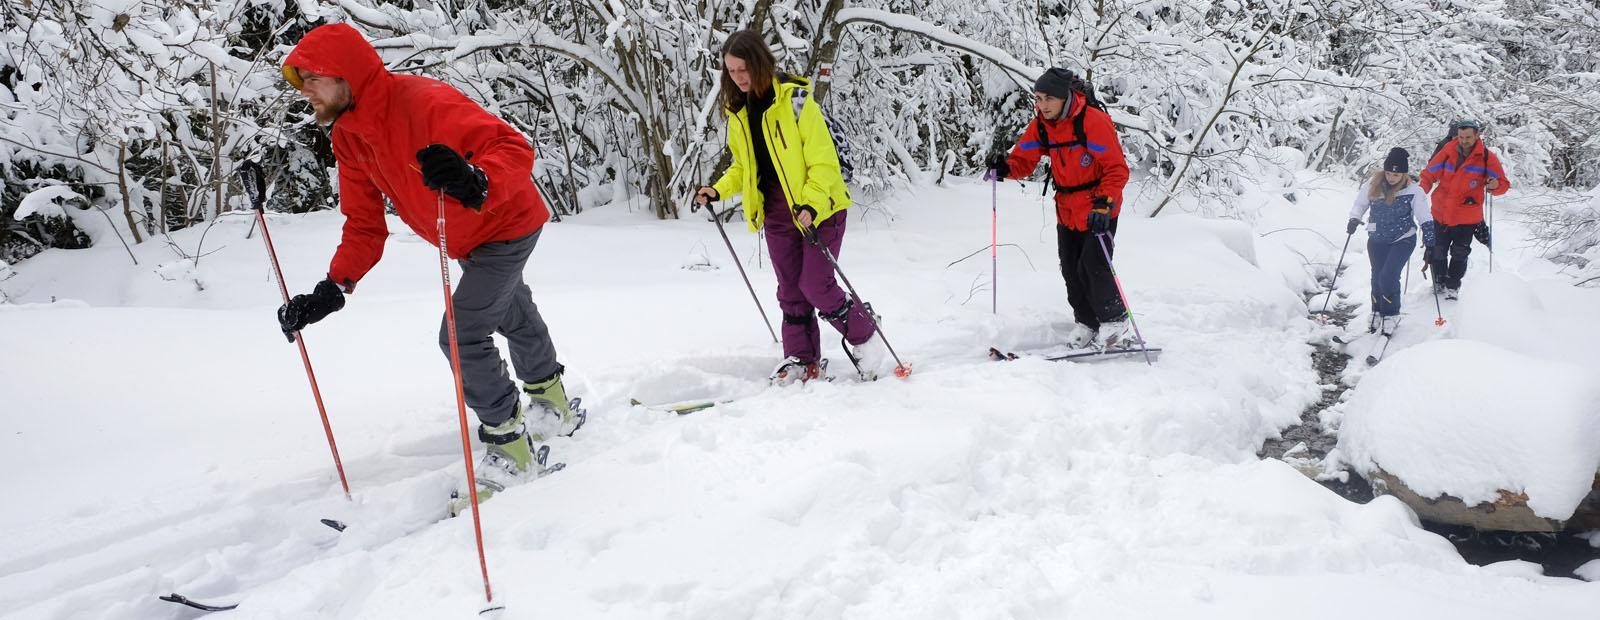 У мандрівку на лижах: перший скітур-маршрут на Львівщині